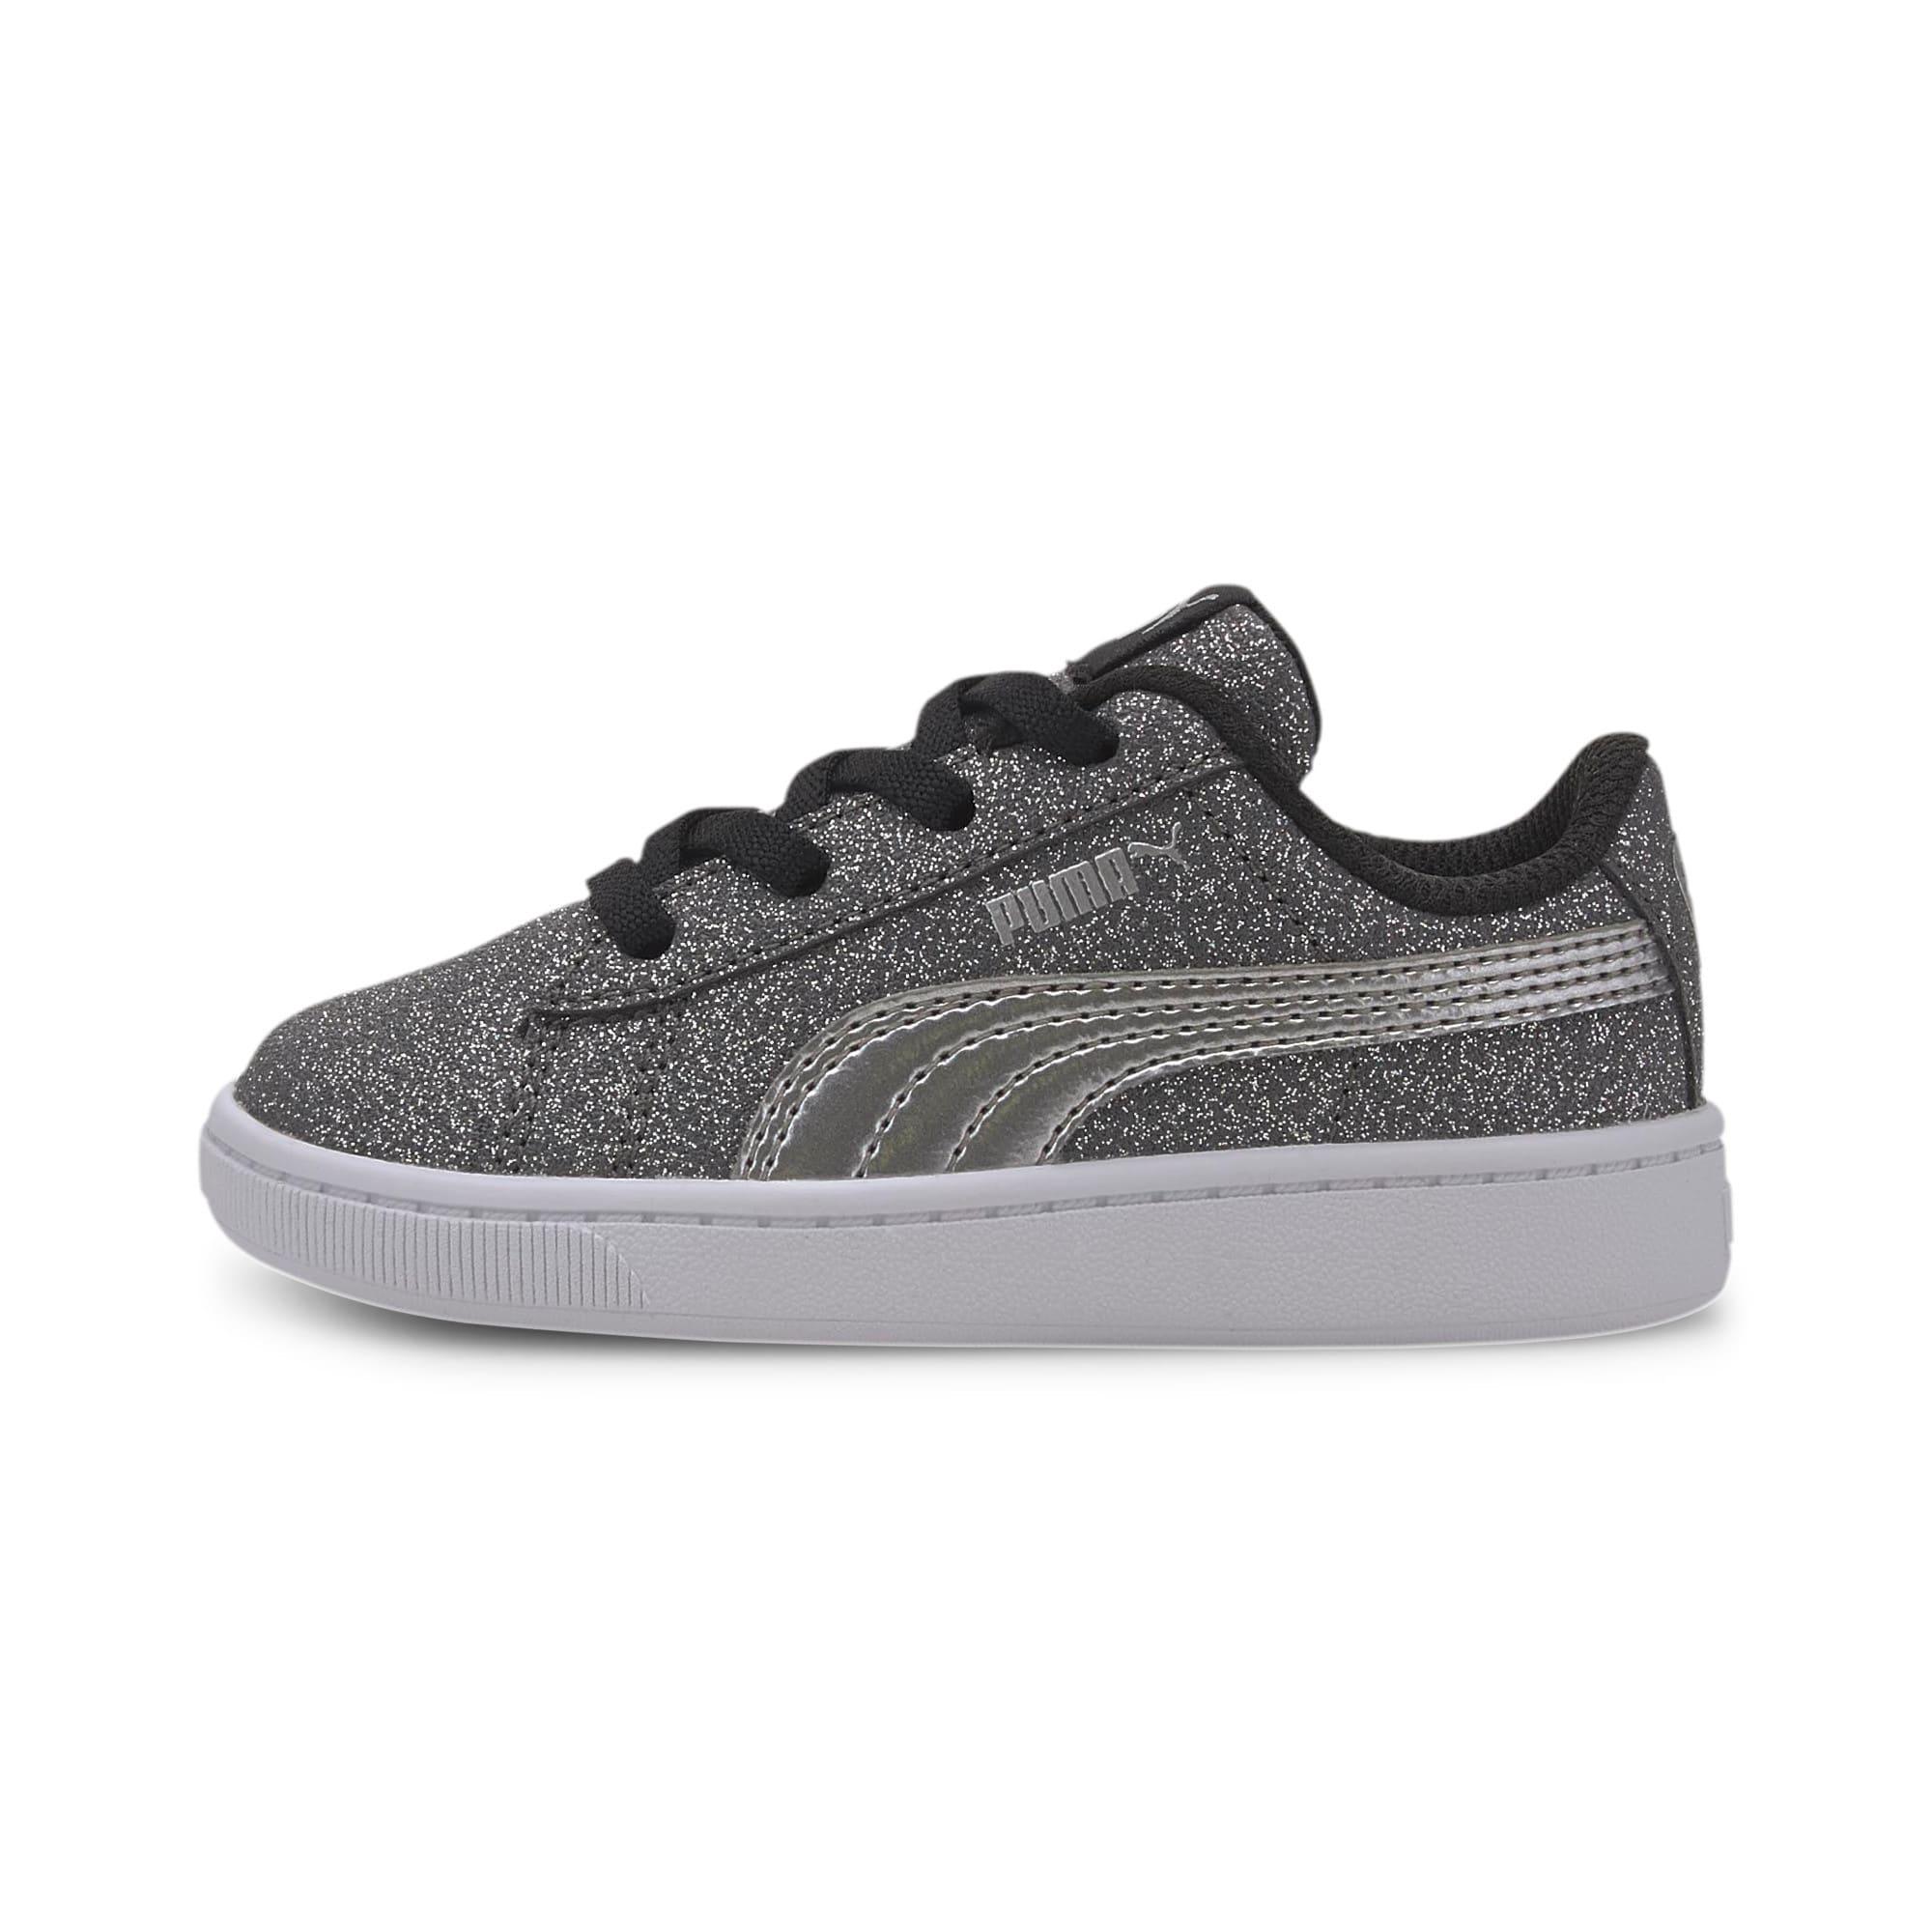 Miniatura 1 de Zapatos deportivos PUMA Vikky v2 Glitz AC INF, Puma Black-Silver-White, mediano